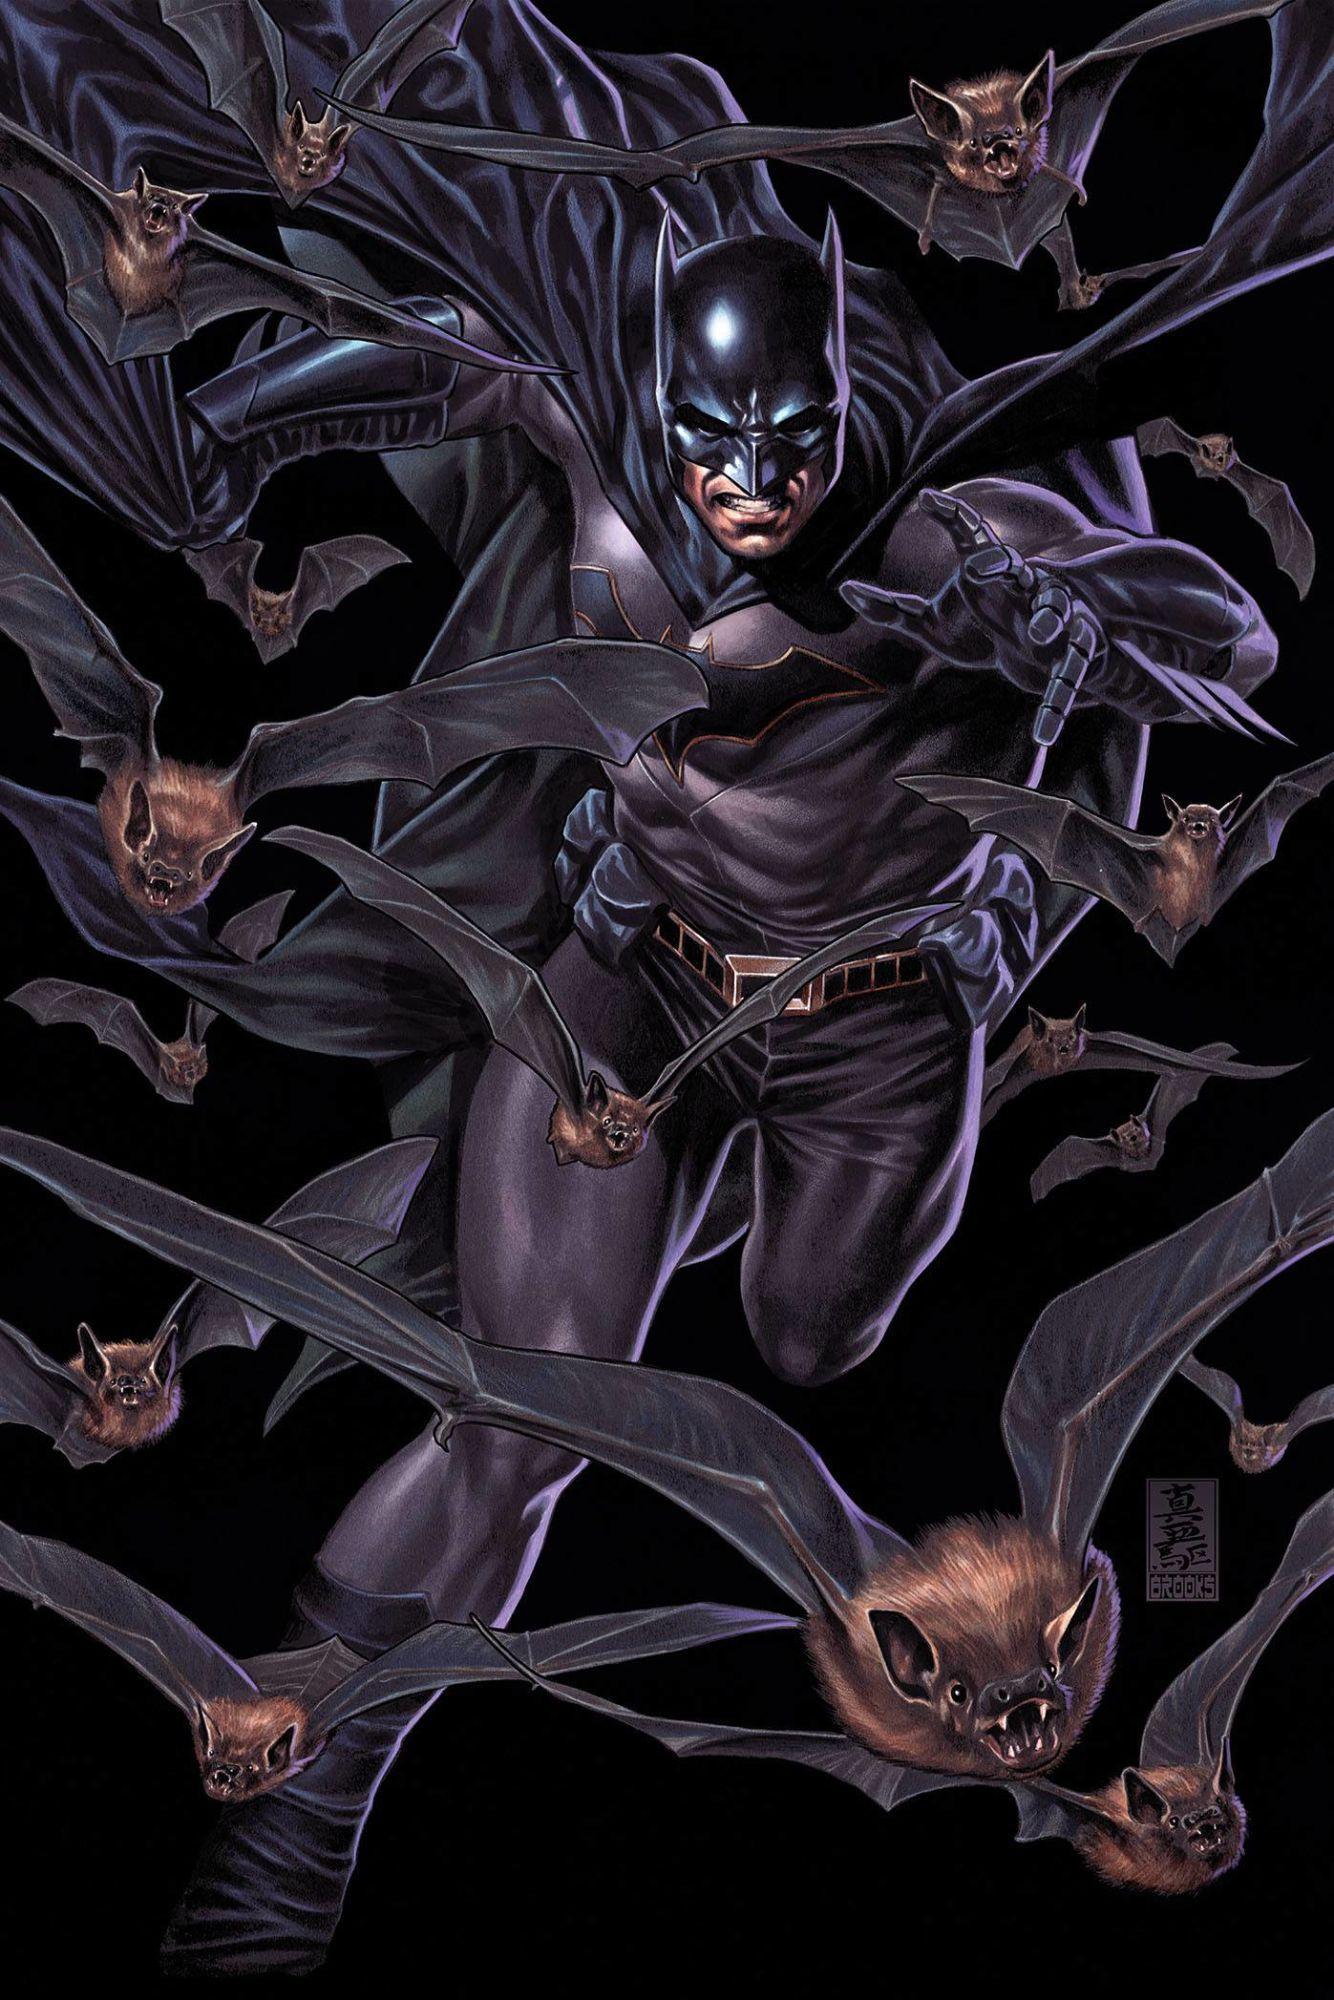 Detective Comics 1001 DC Comics Jun 2019 BATMAN